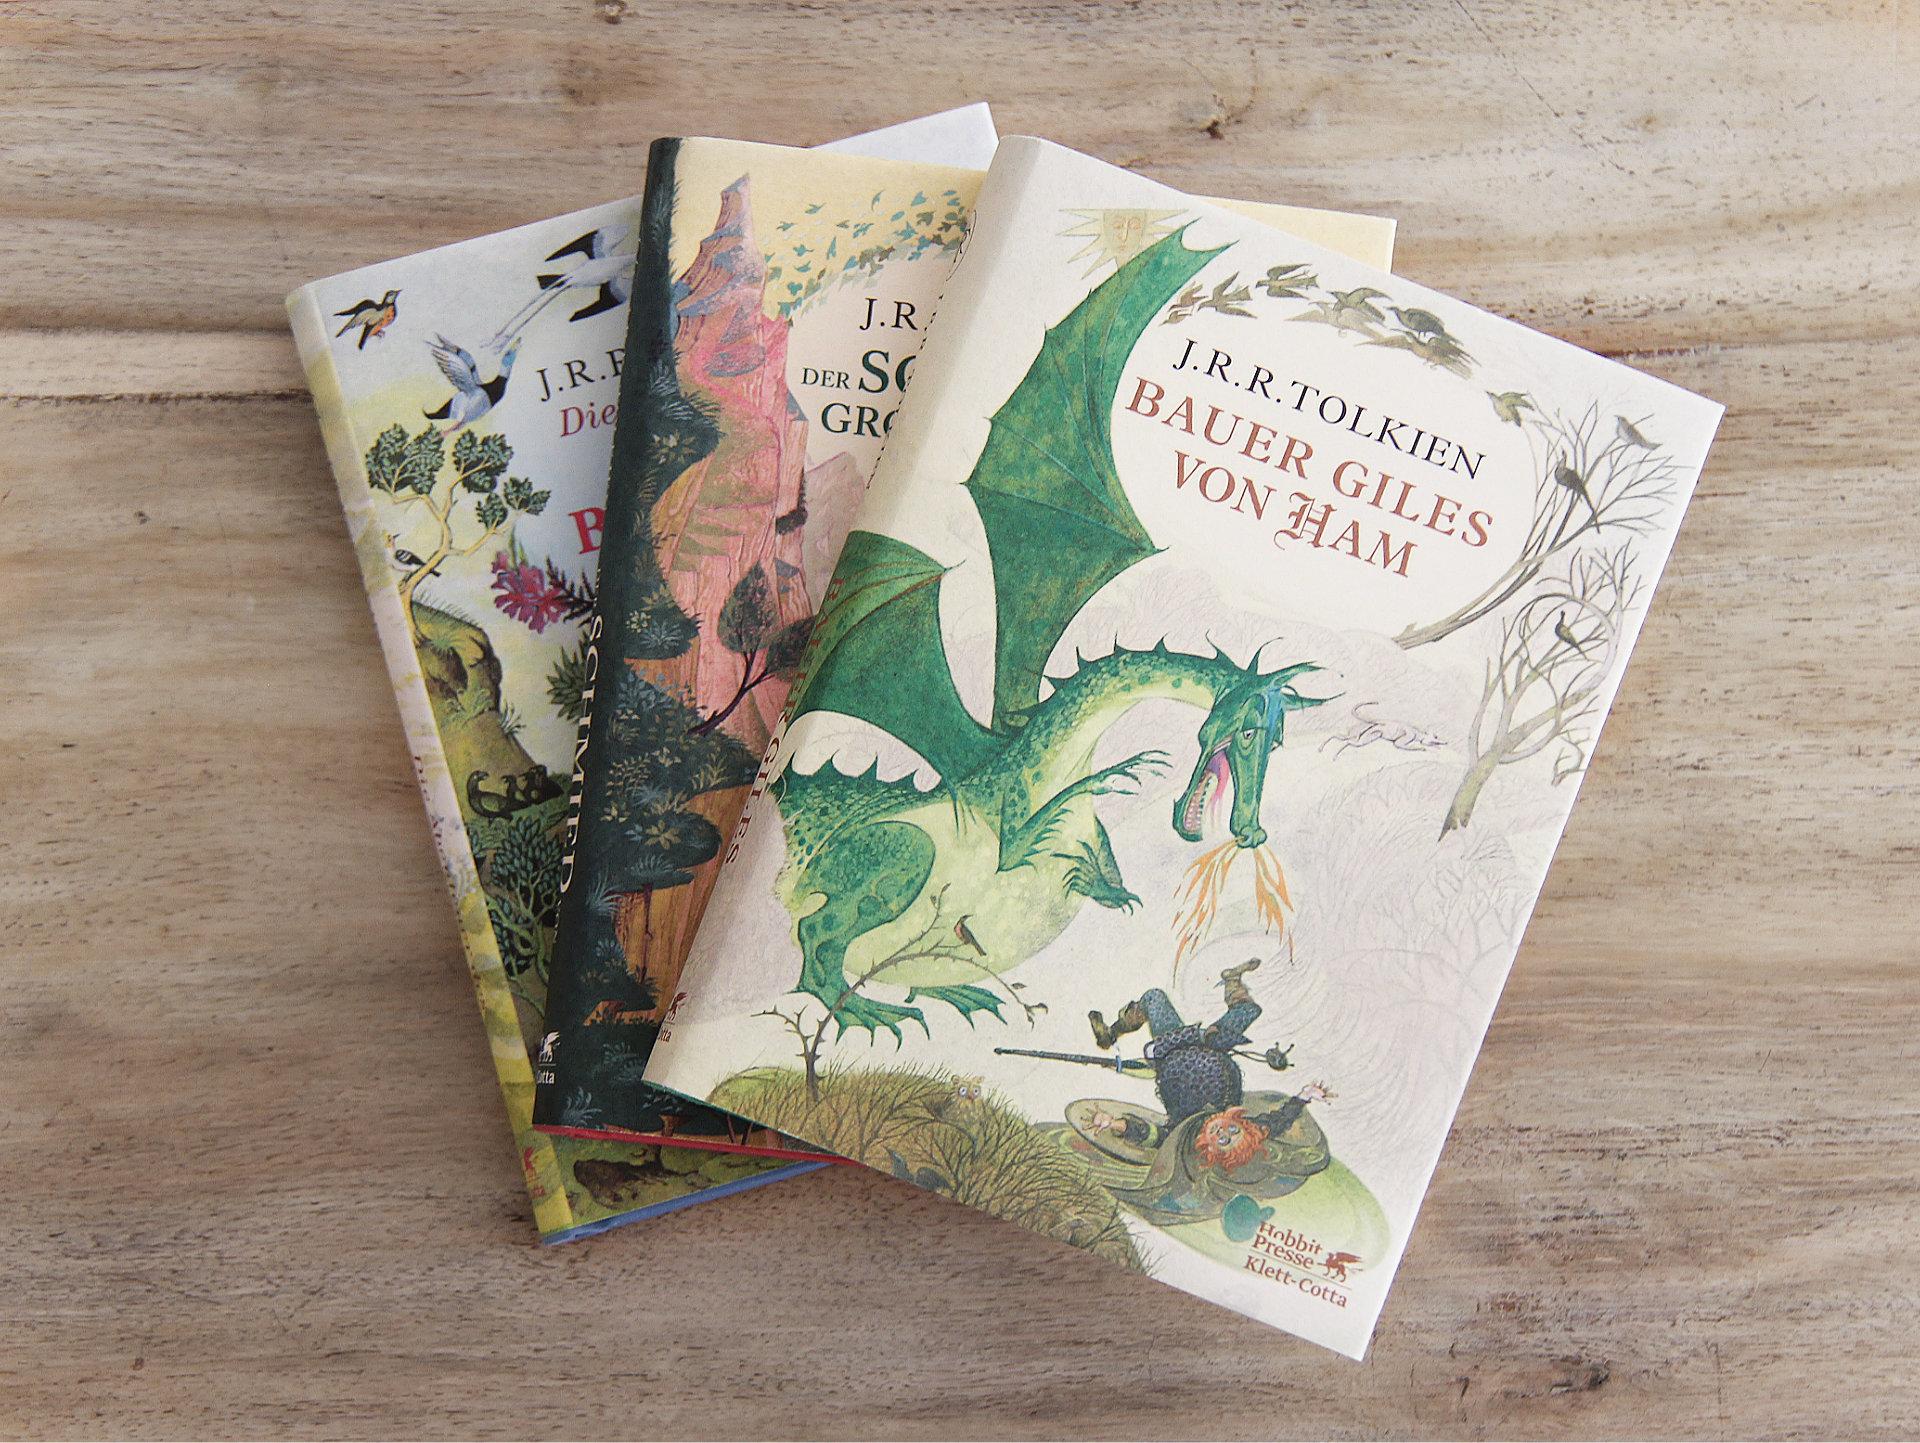 Märchen und Gedichte von J. R. R. Tolkien